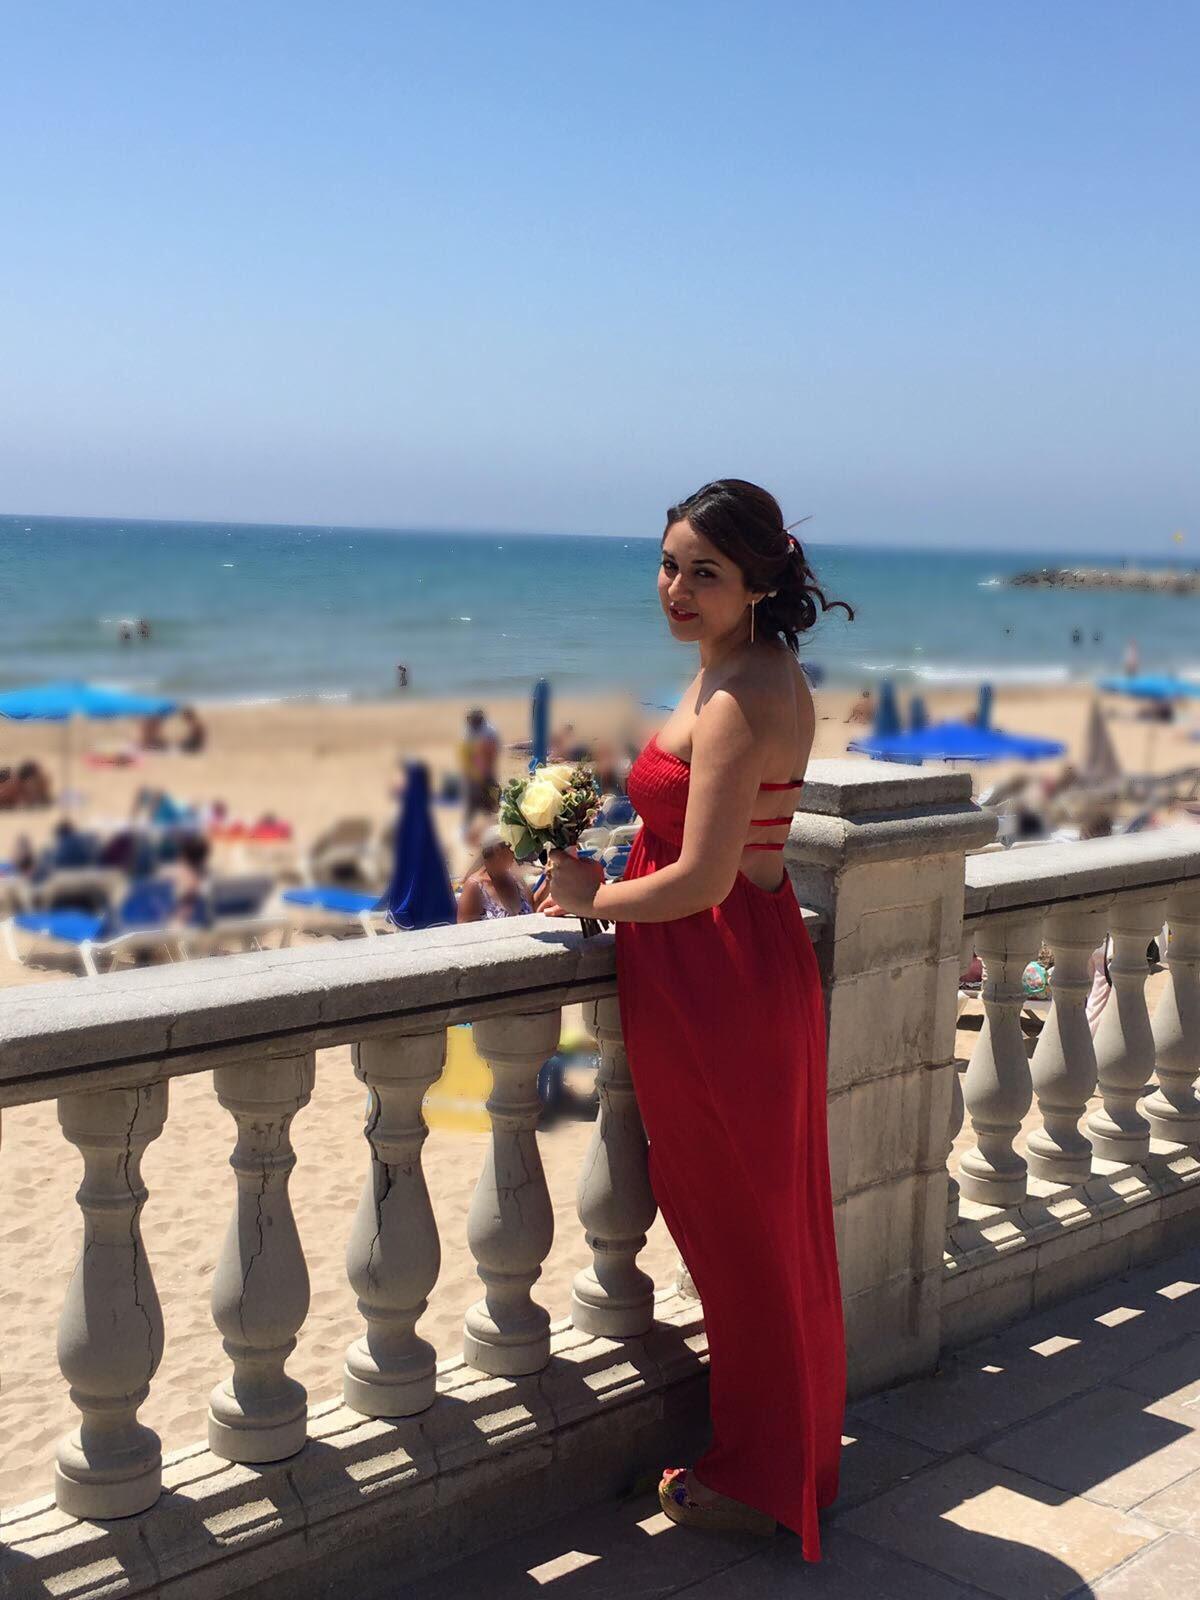 www.isabelasbcn.com Vestidos diseñados y confeccionados en Barcelona. Vestido rojo escotado de espalda